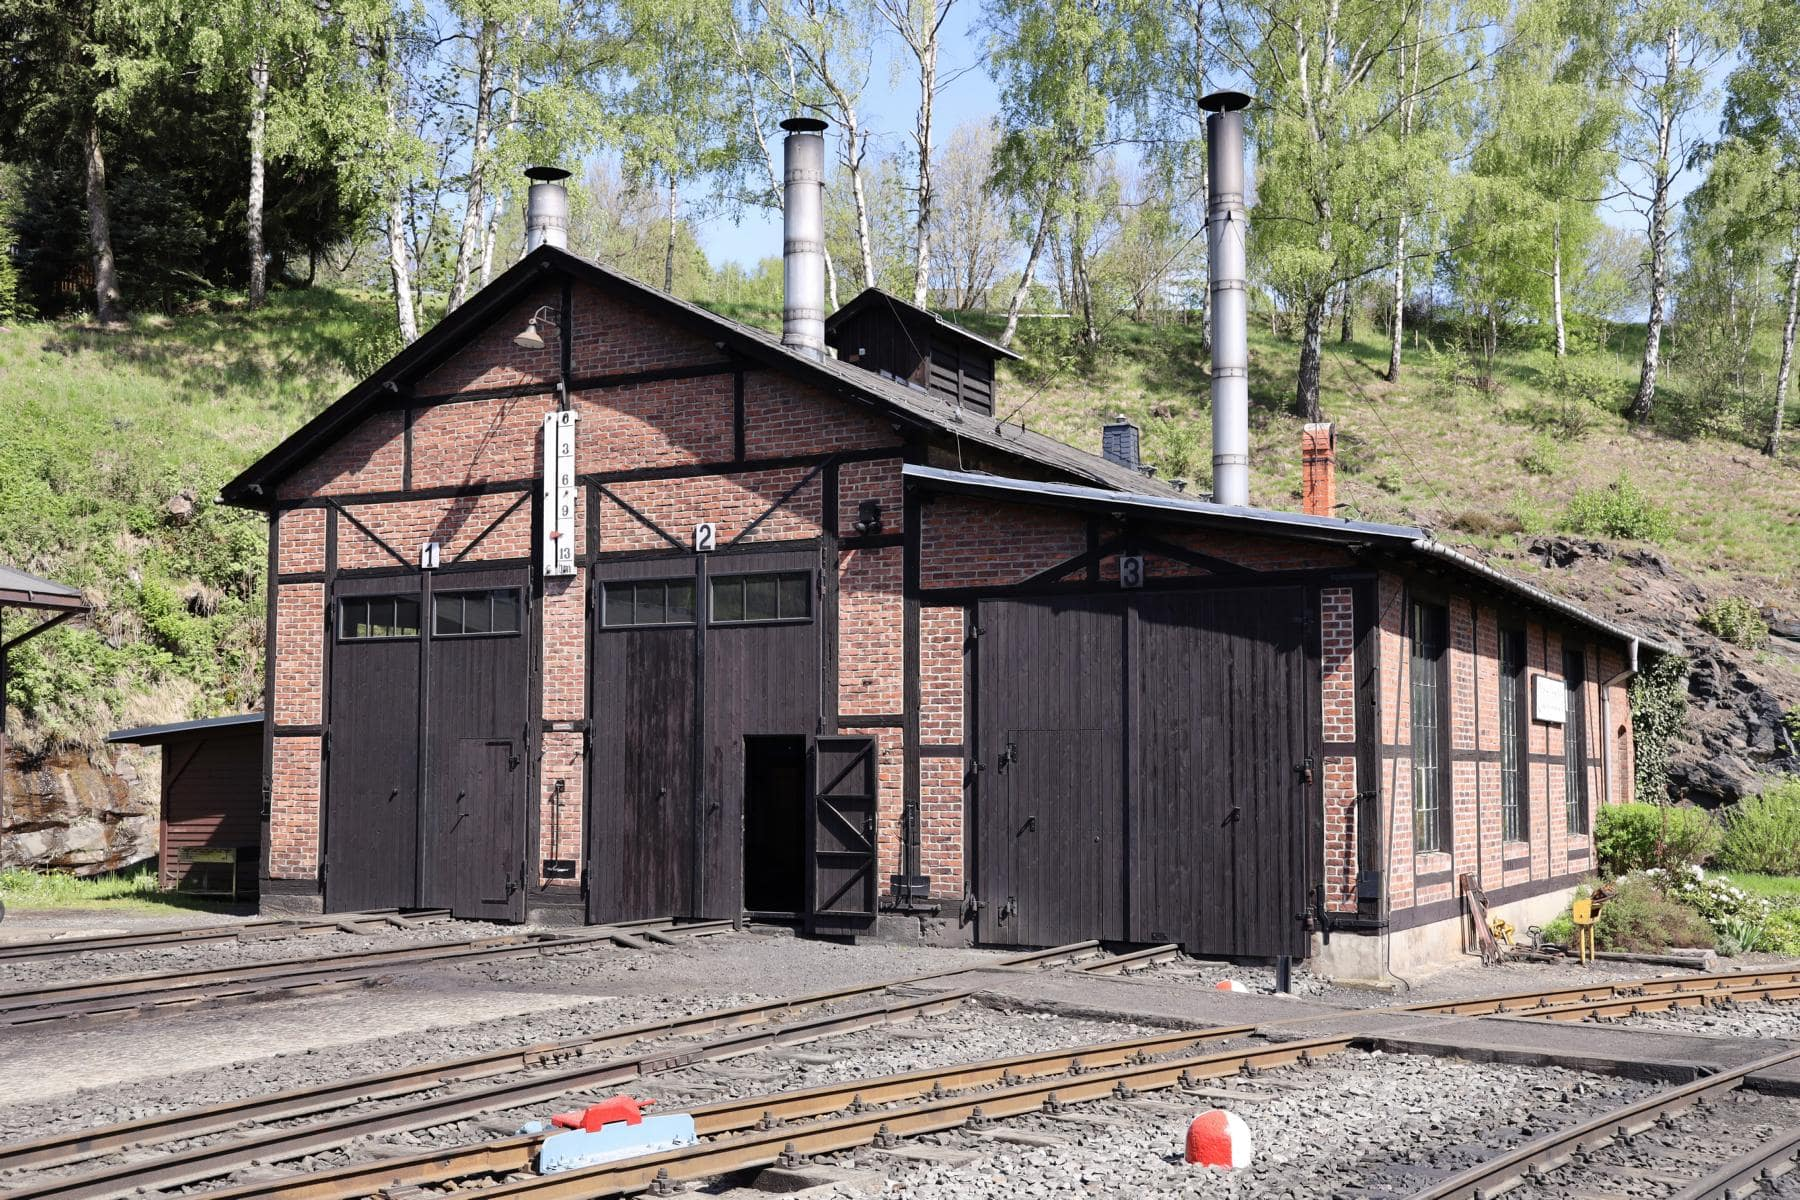 ©Foto: Christian Wodzinski | railmen | Herberge für die betriebsfähigen Dampflokomotiven – der historische Lokschuppen in Jöhstadt.